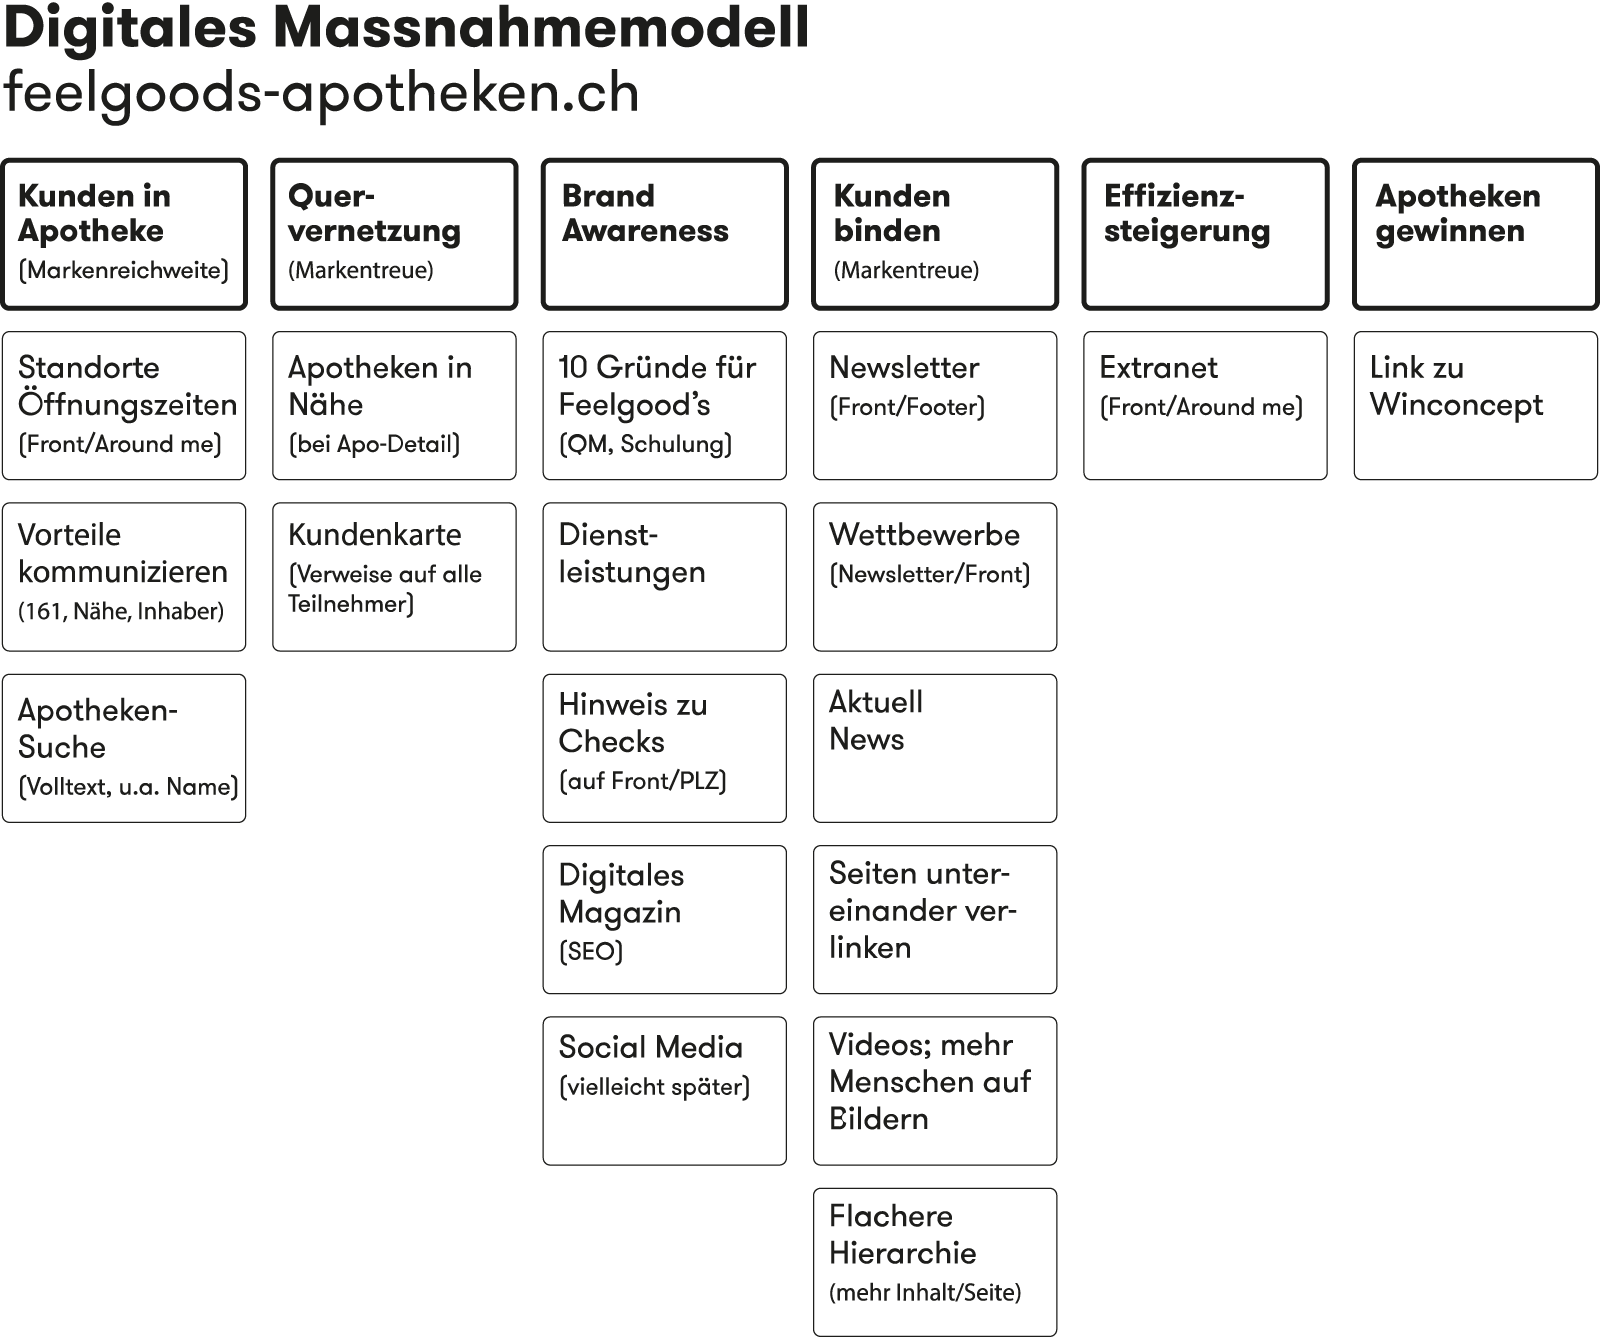 Digitales Massnahmemodell